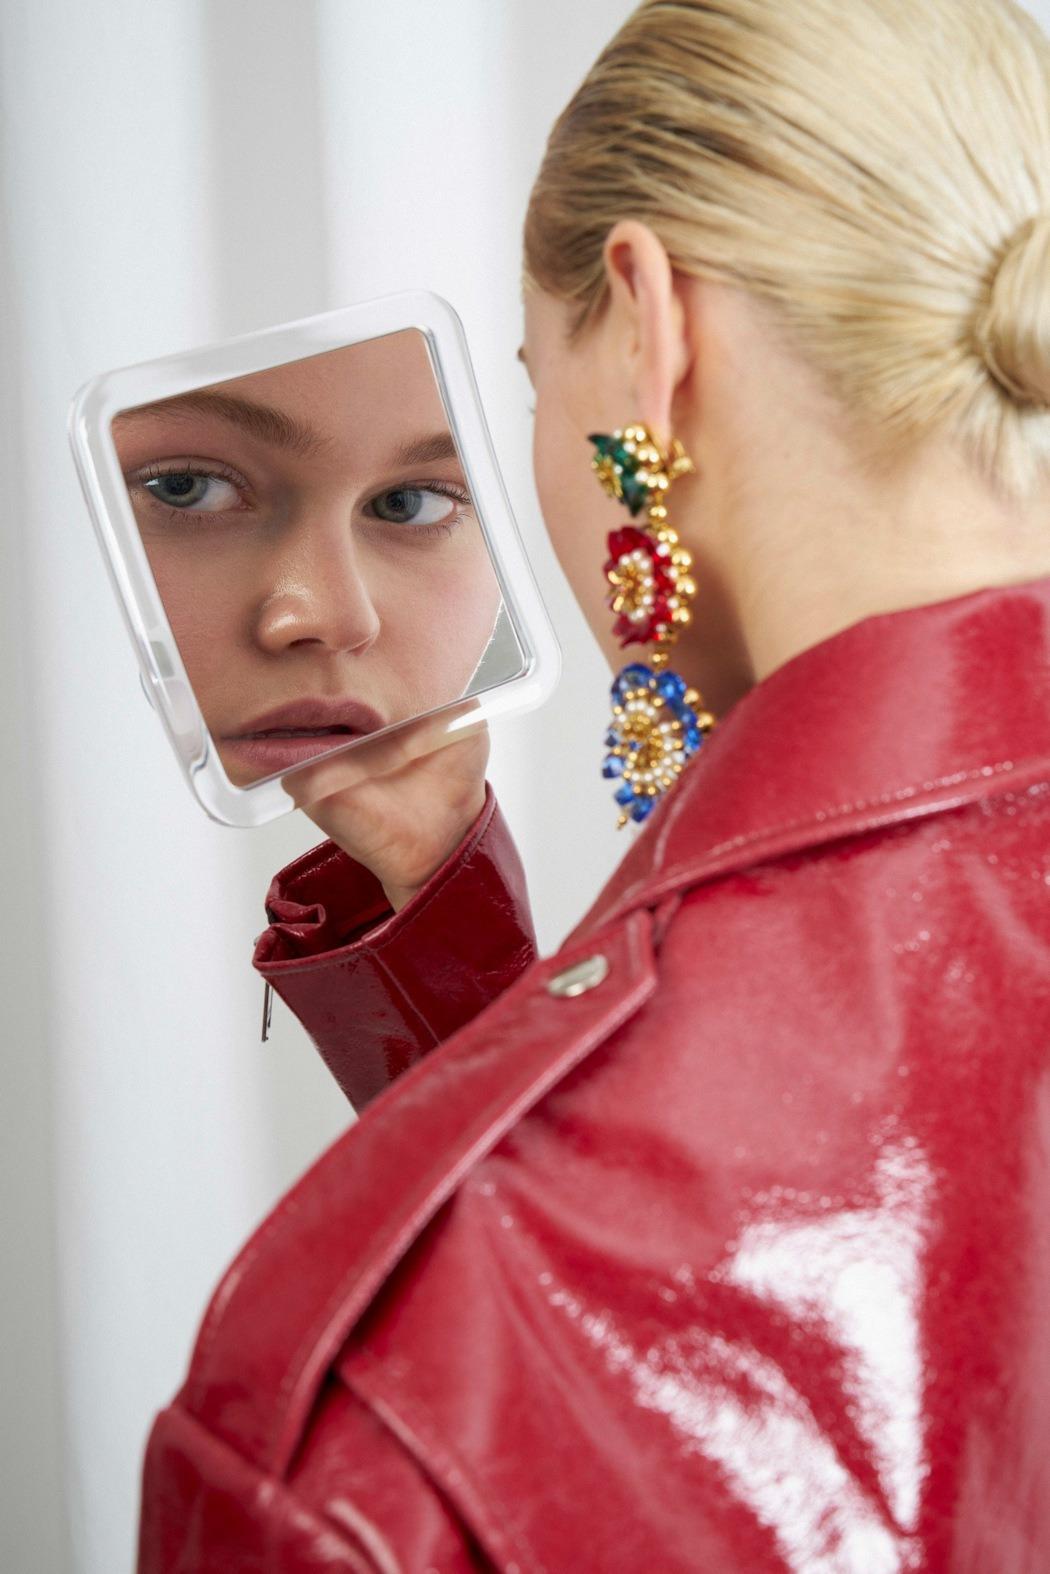 08_mirror404_andrea-bresciani.jpg